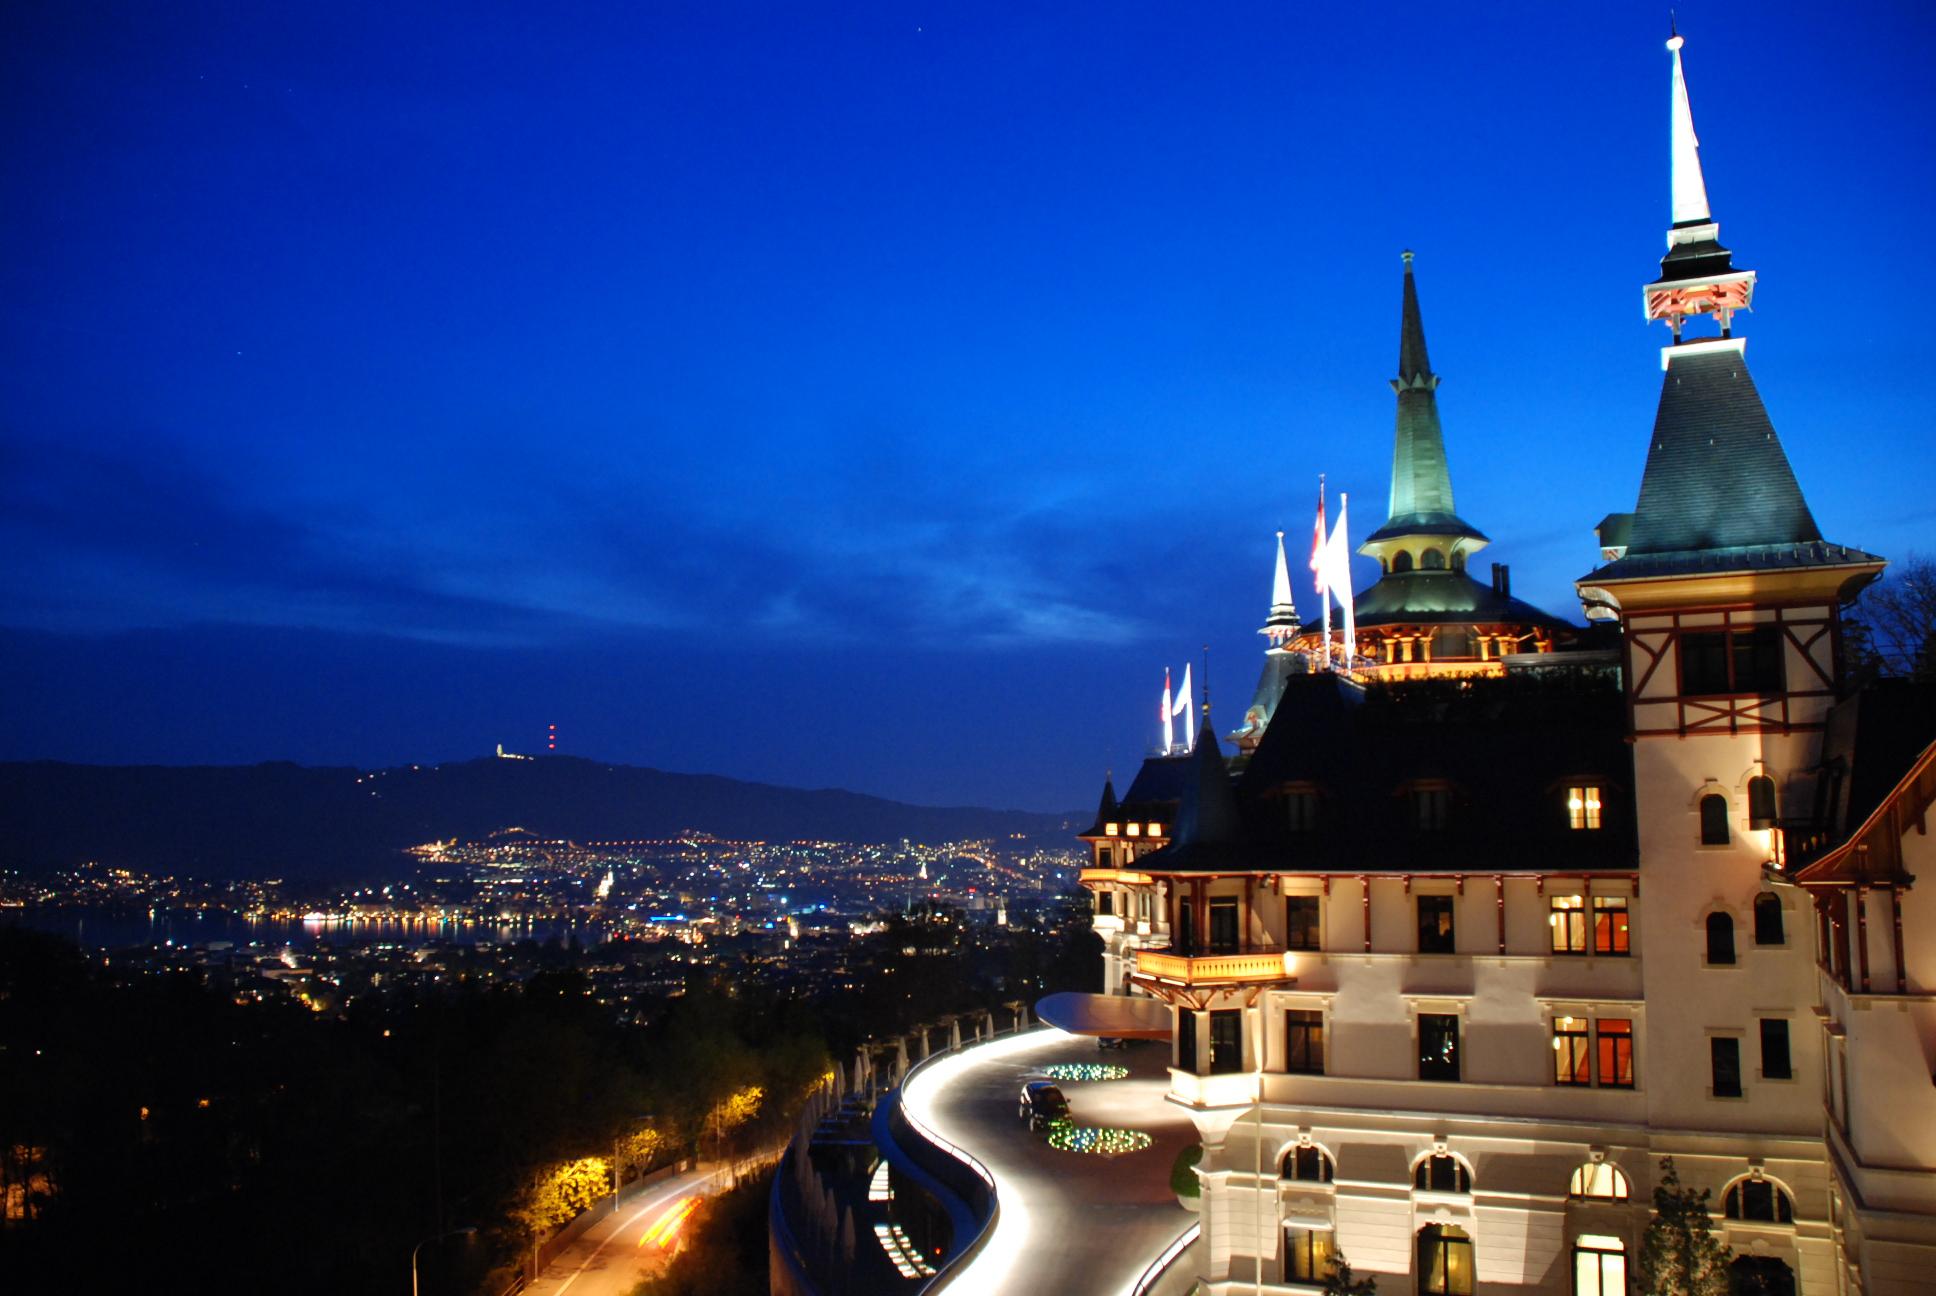 Dolder Grand dolder grand An inside look at: The Dolder Grand in Zurich Aussenansicht dsz